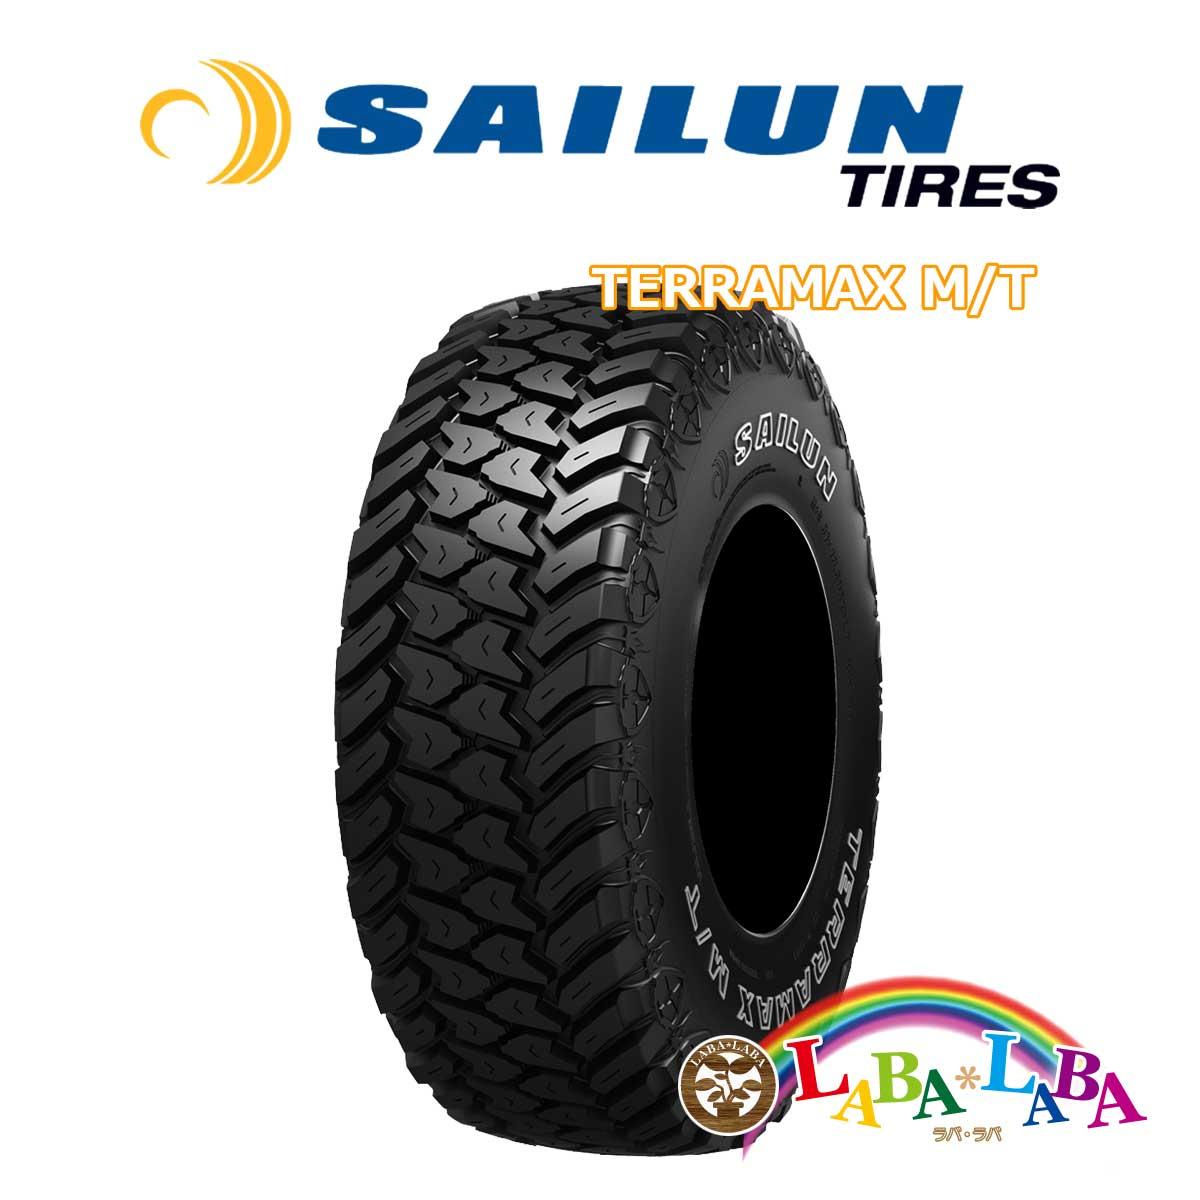 送料無料 輸入タイヤ オフロード 新品 タイヤのみ 4本SET SAILUN サイレン TERRAMAX テラマックス 4WD 4本セット SUV T ストア 33×12.50R18 マッドテレーン 最新 MT 118Q M